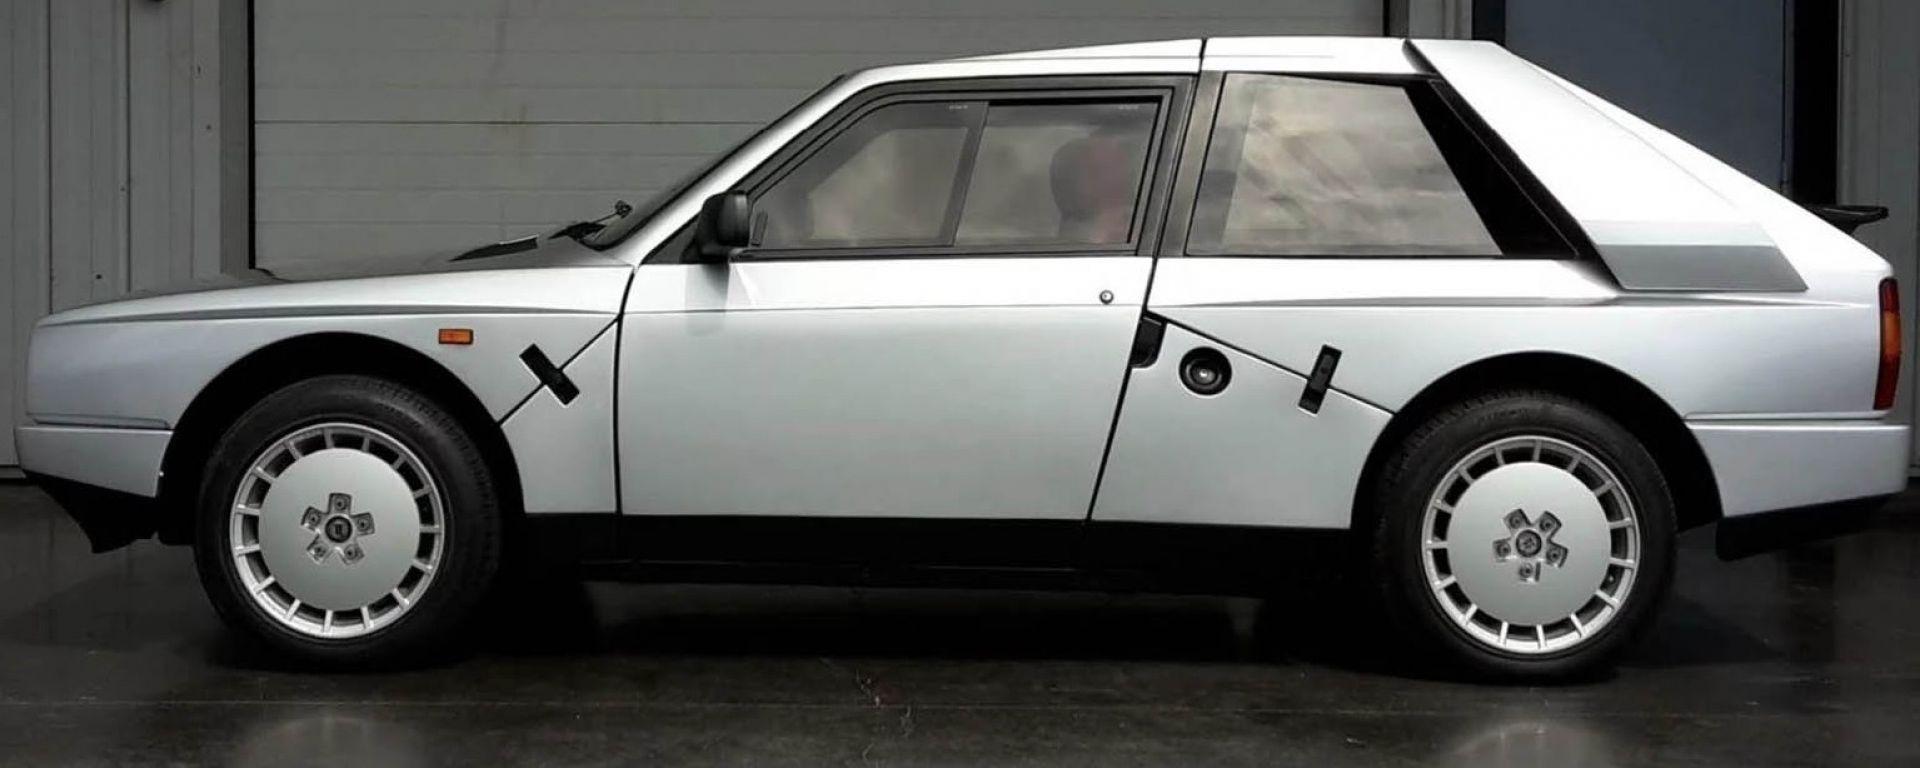 Lancia Delta S4 Stradale: vista laterale